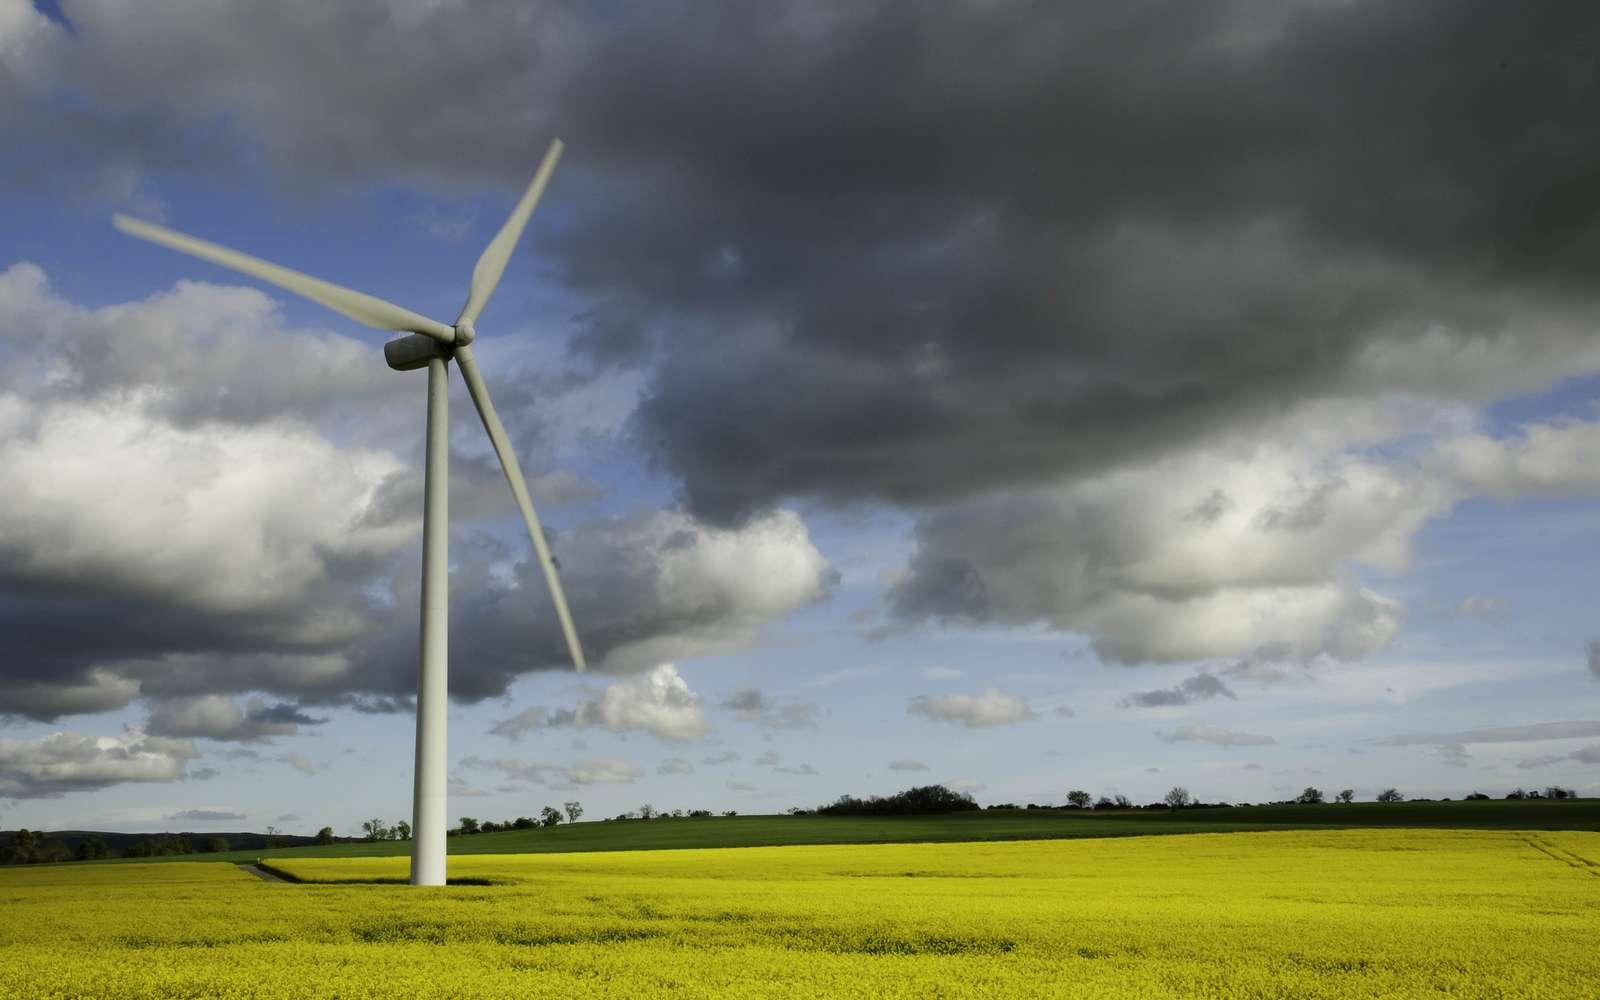 Une éolienne dans un champ. La part de l'énergie éolienne dans le mix énergétique est amenée à se développer dans les prochaines décennies. © Marc Lagneau, cc by nc 2.0